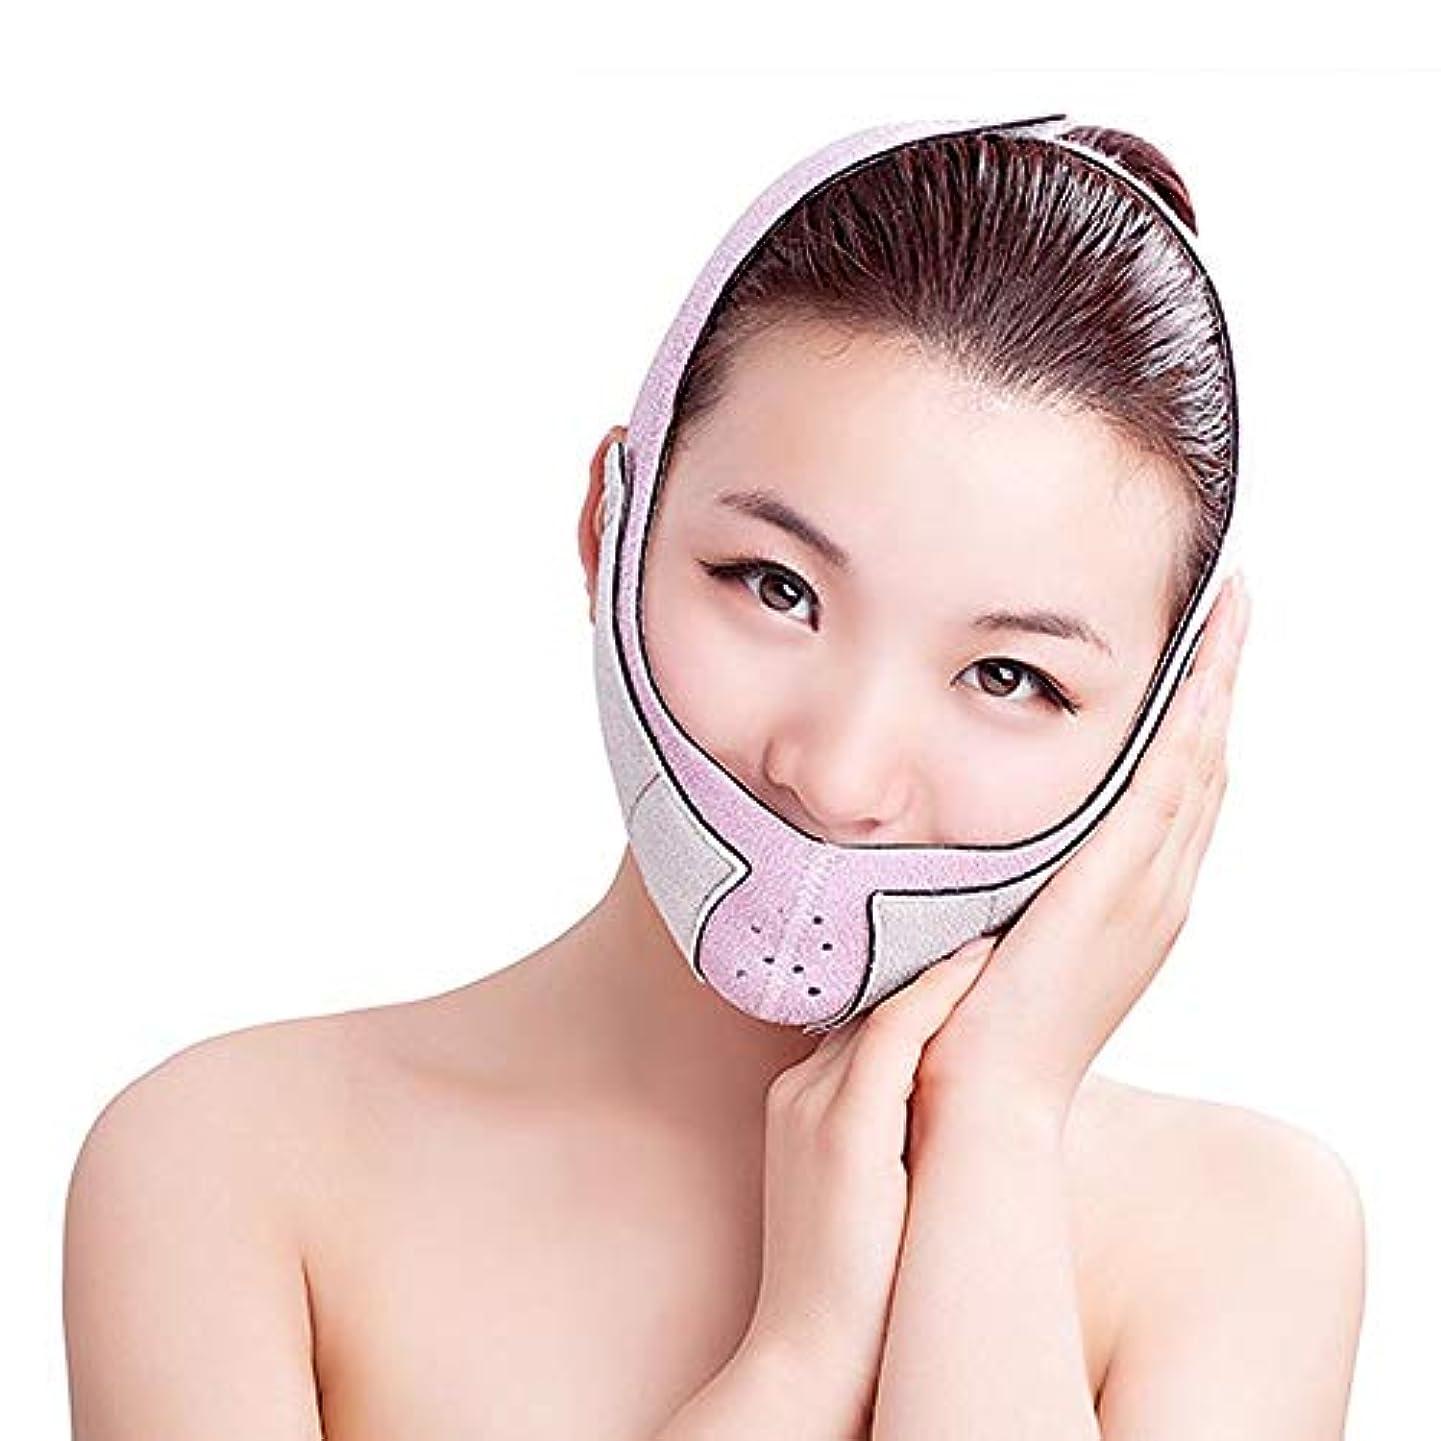 ドラフト研究繊細薄い顔のベルト - 薄い顔のベルト通気性の補正3D薄い顔のV顔のベルトの包帯薄い顔のアーティファクト 美しさ (色 : B)